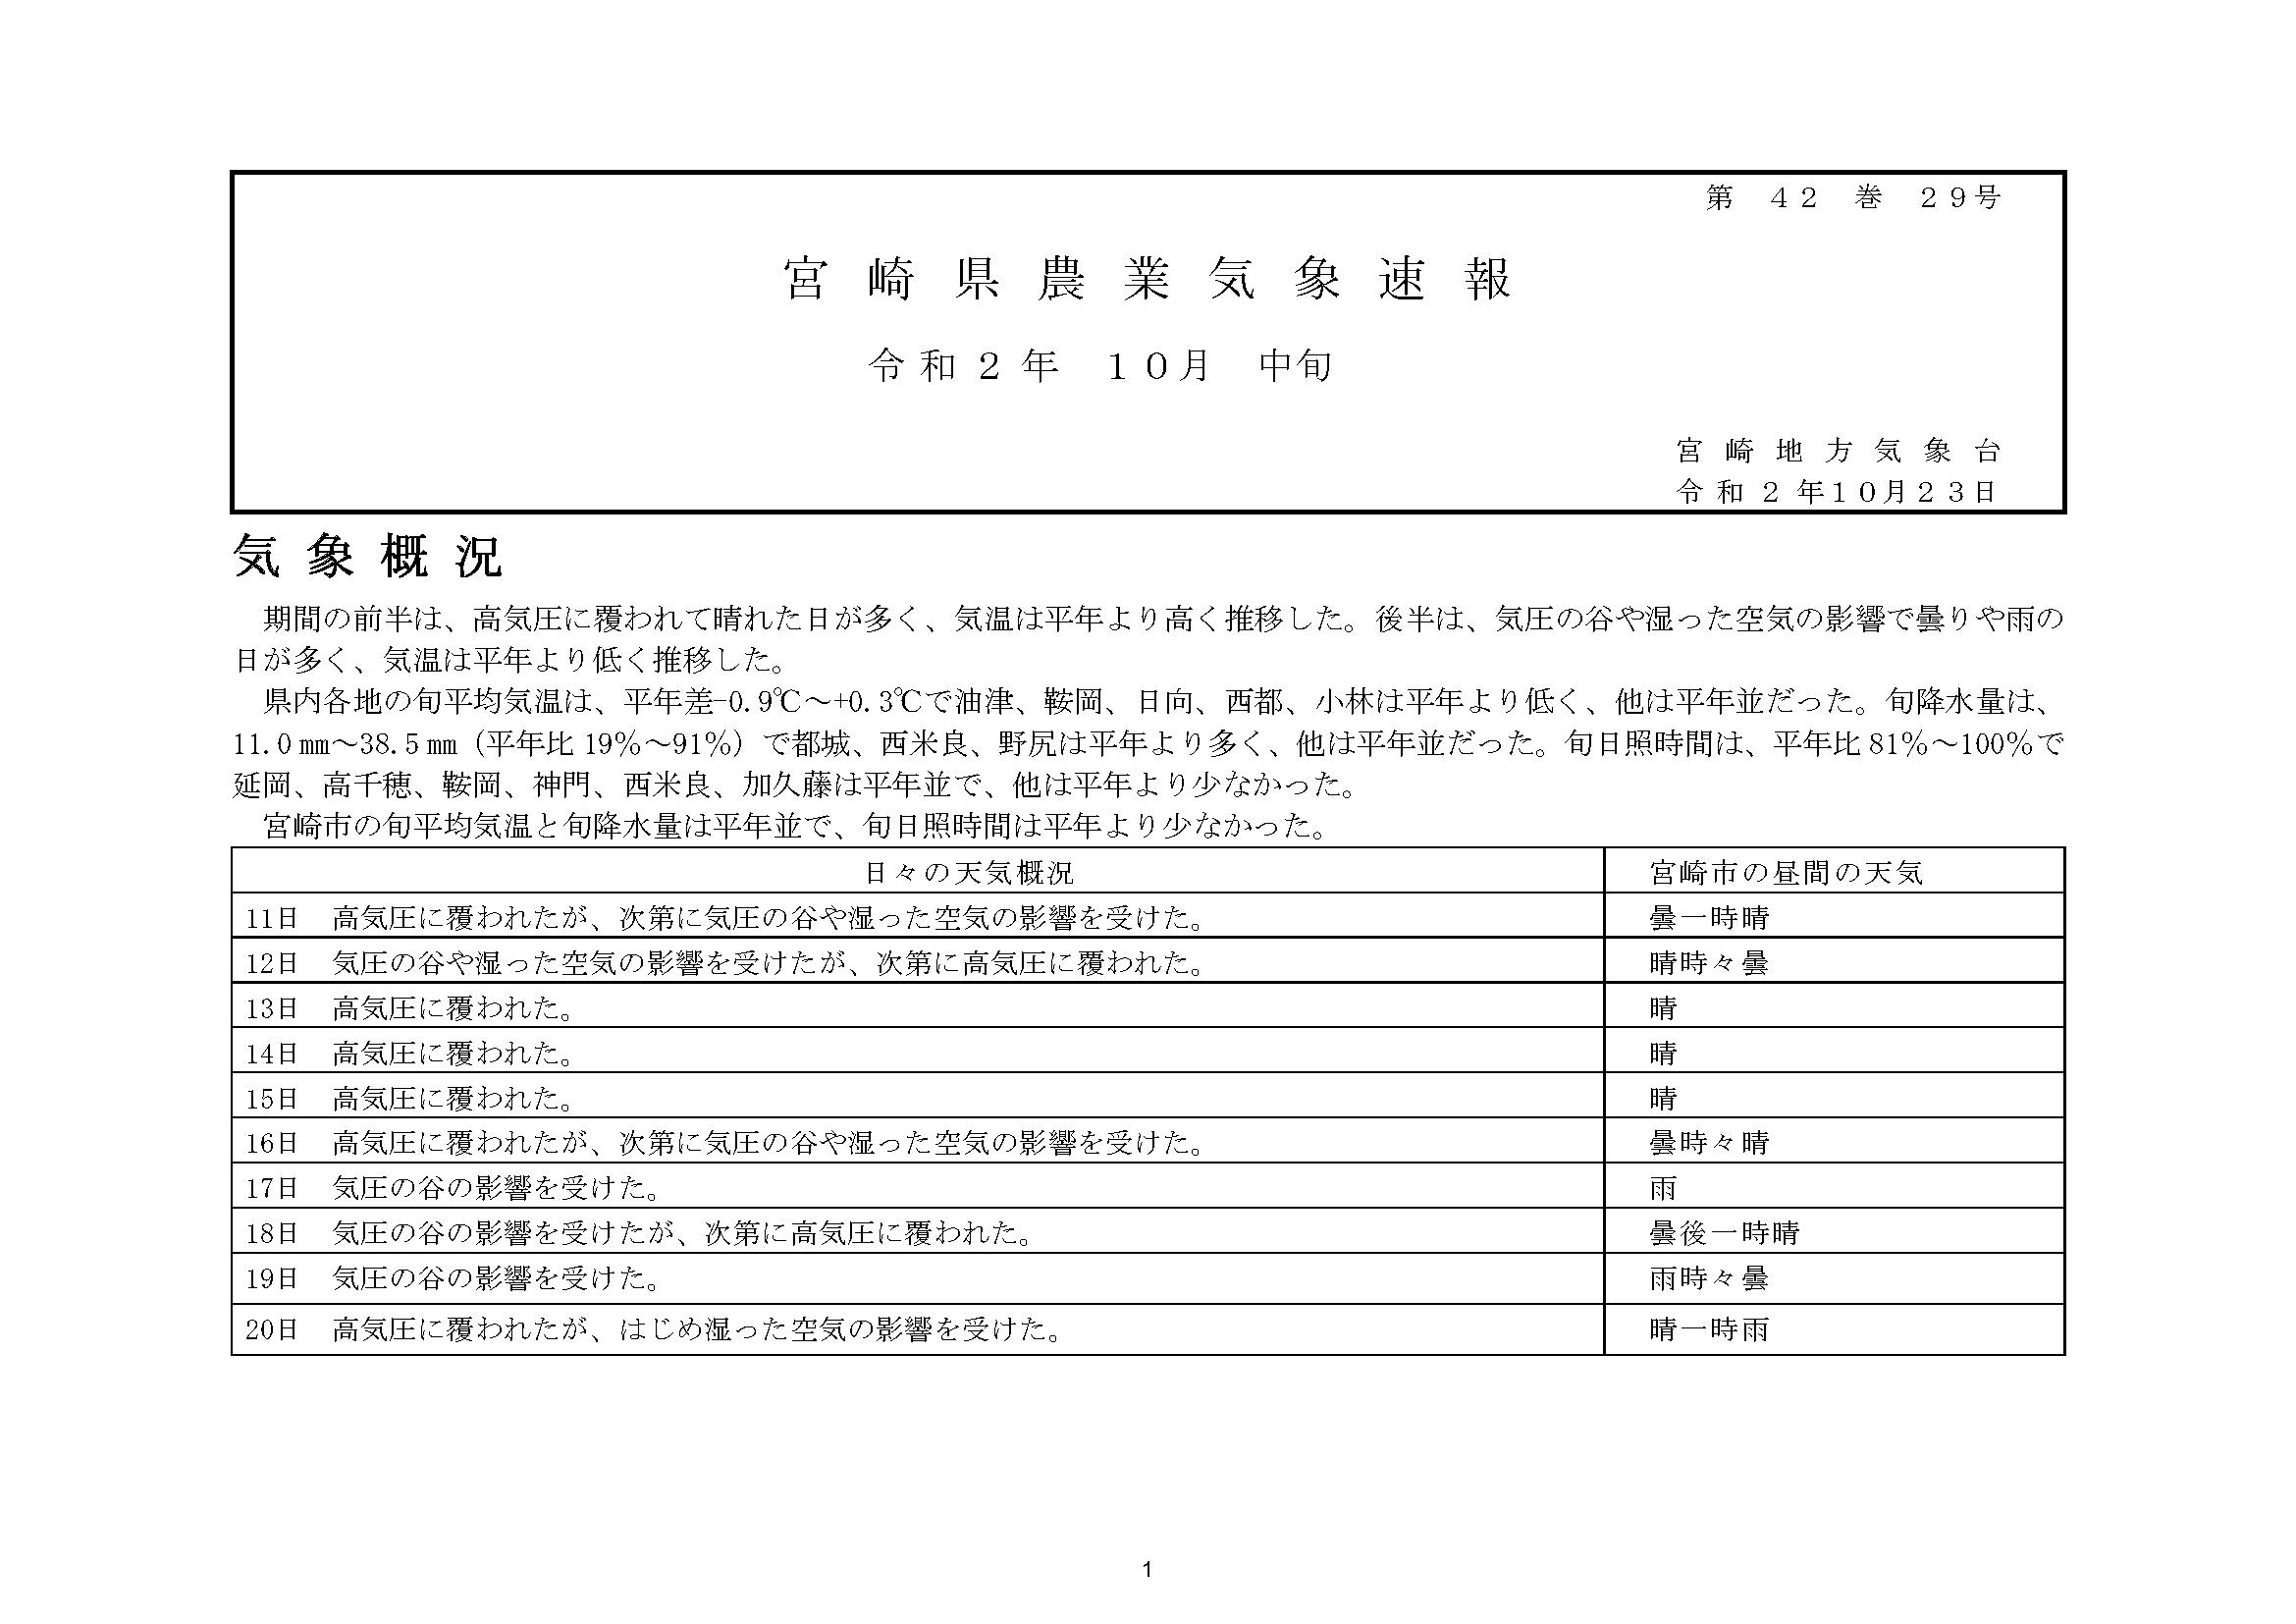 宮崎県農業気象速報令和2年10月中旬PDF